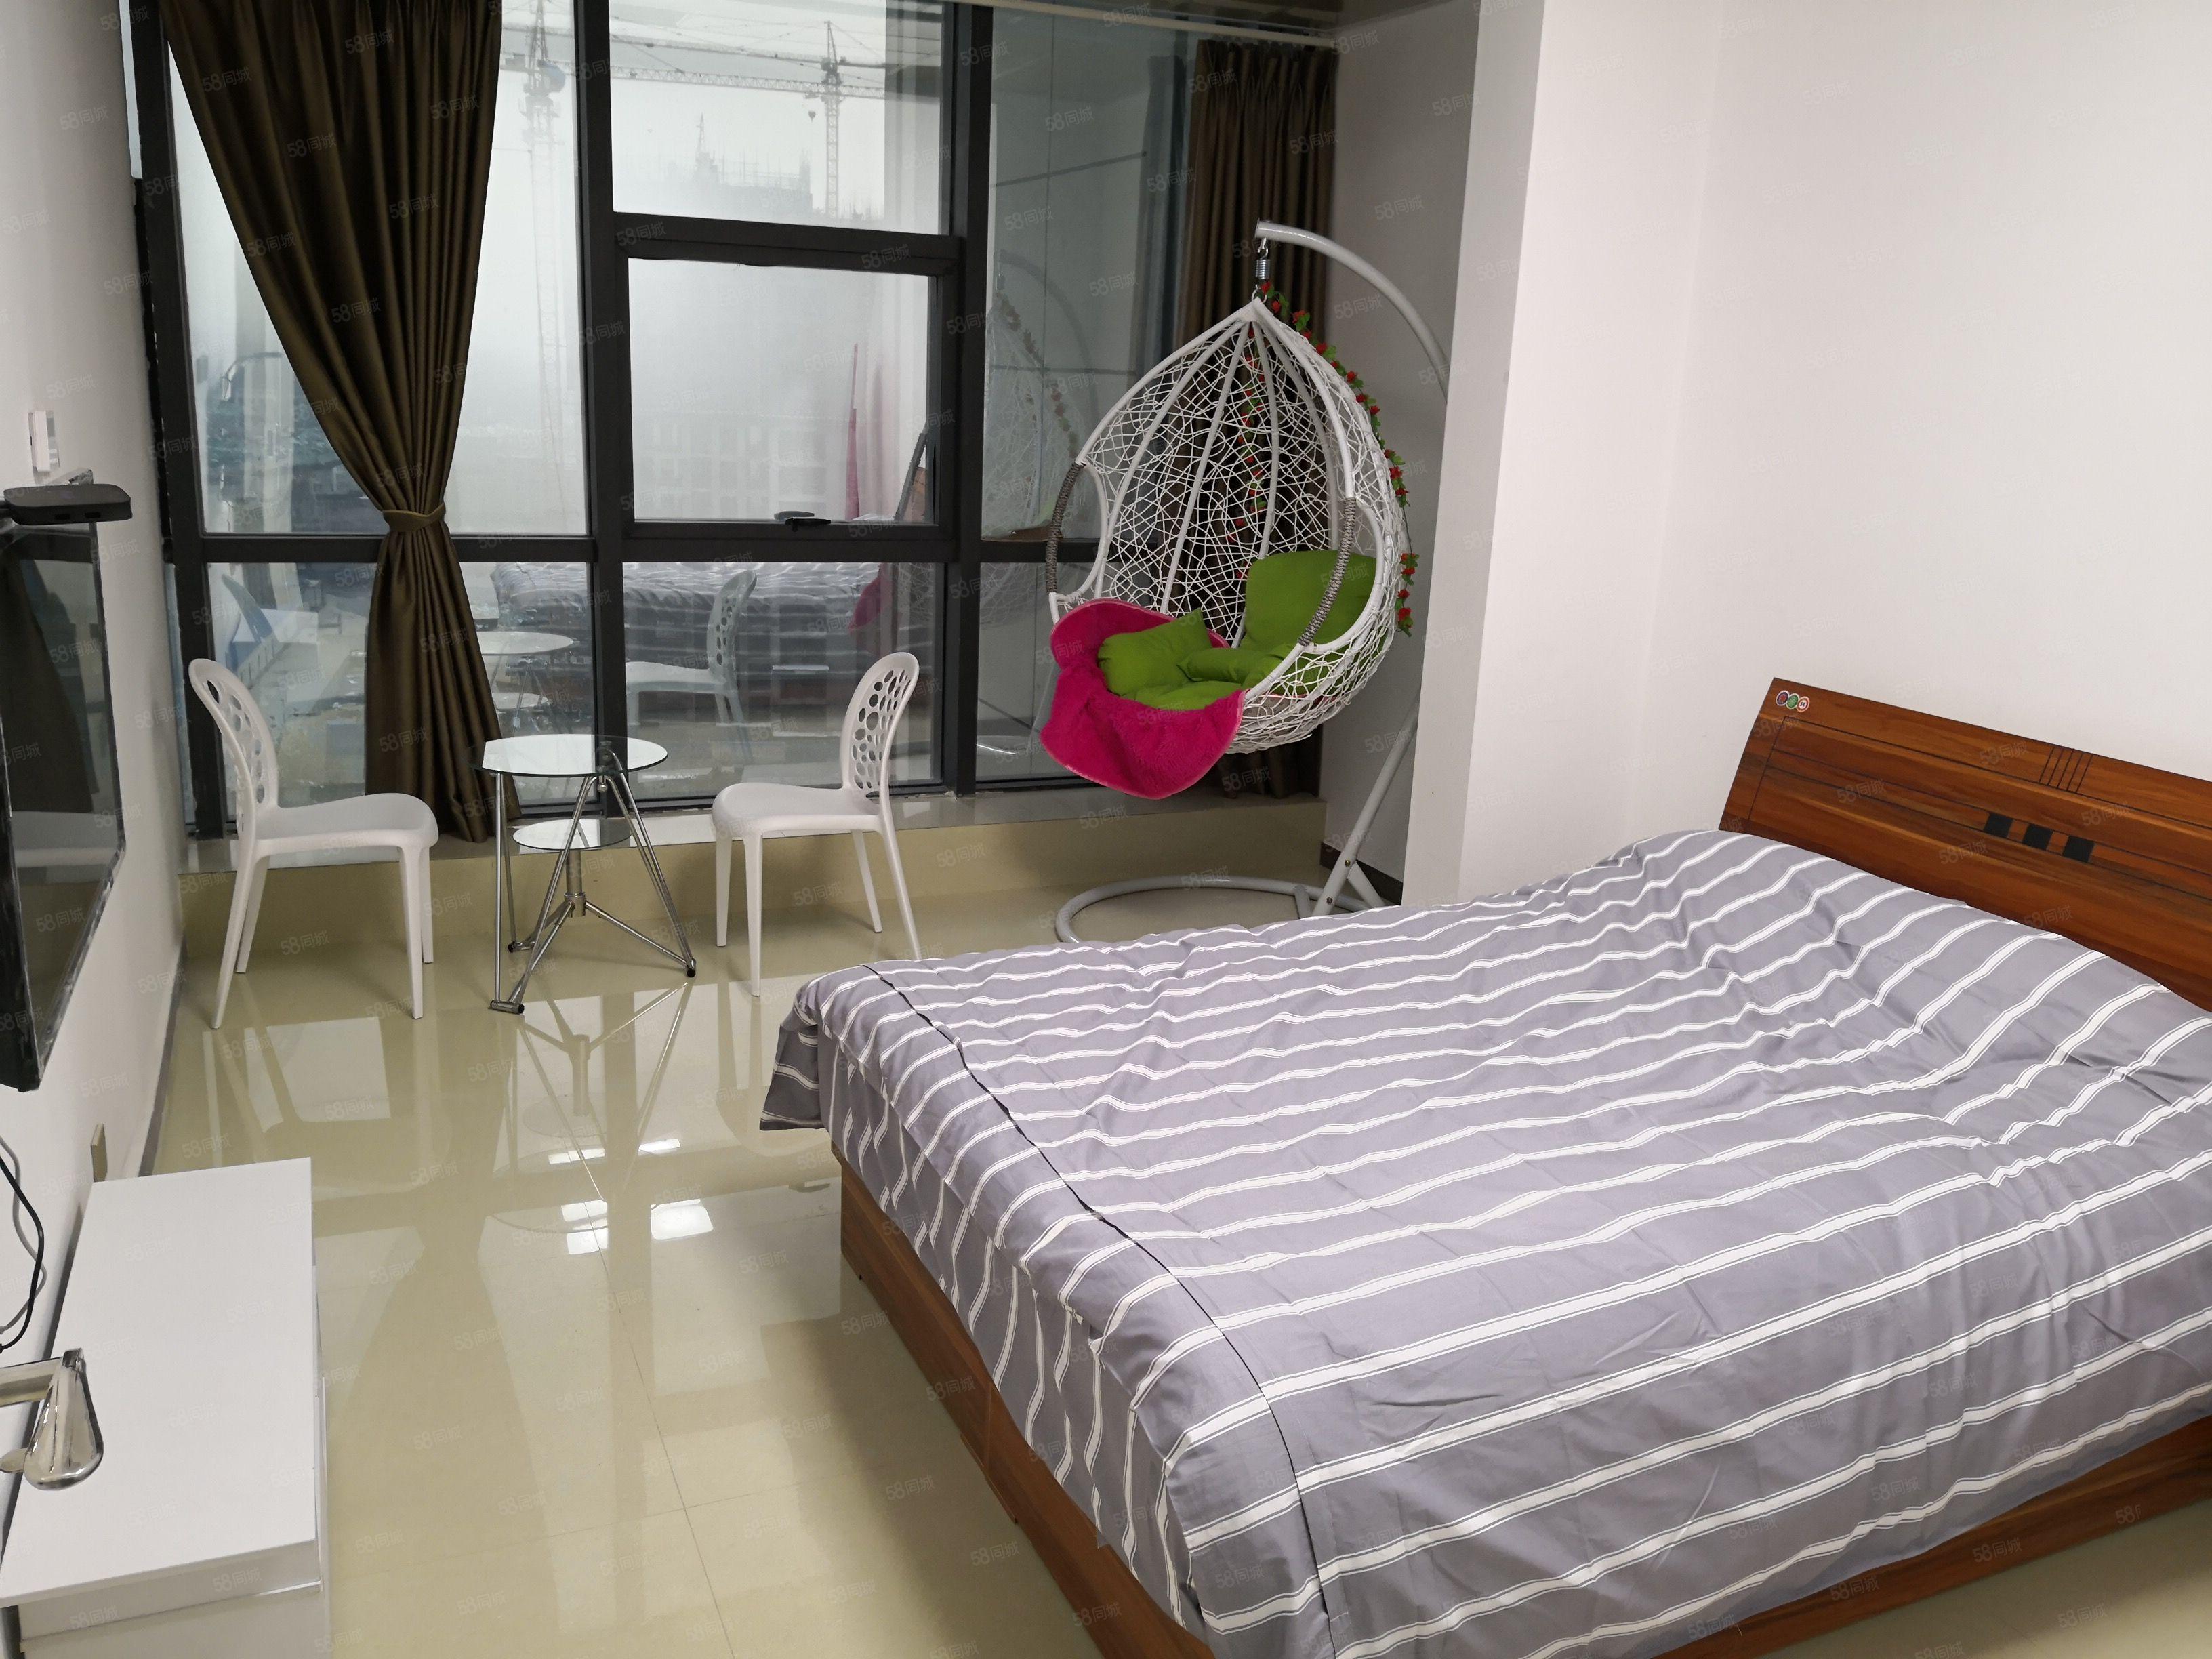 河南省川汇区佳丽金色7号楼(苏荷公寓)精装两居公寓短租,月租